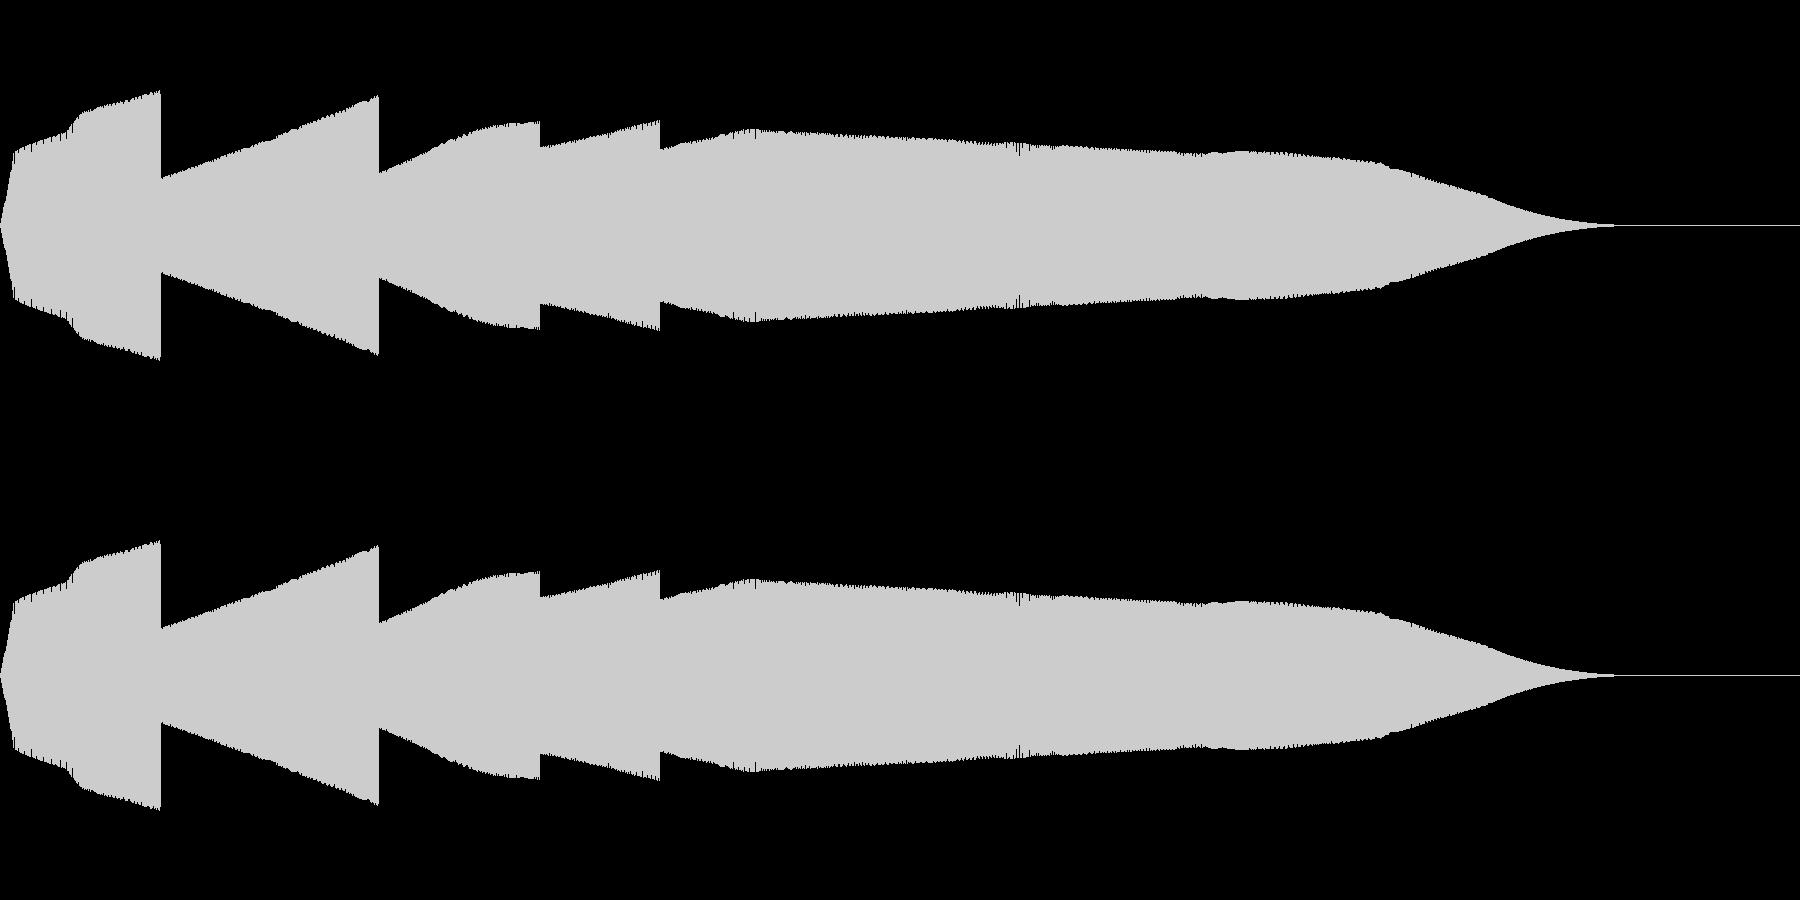 ピュイ(ファミコン/鳴き声/動物/ノイズの未再生の波形